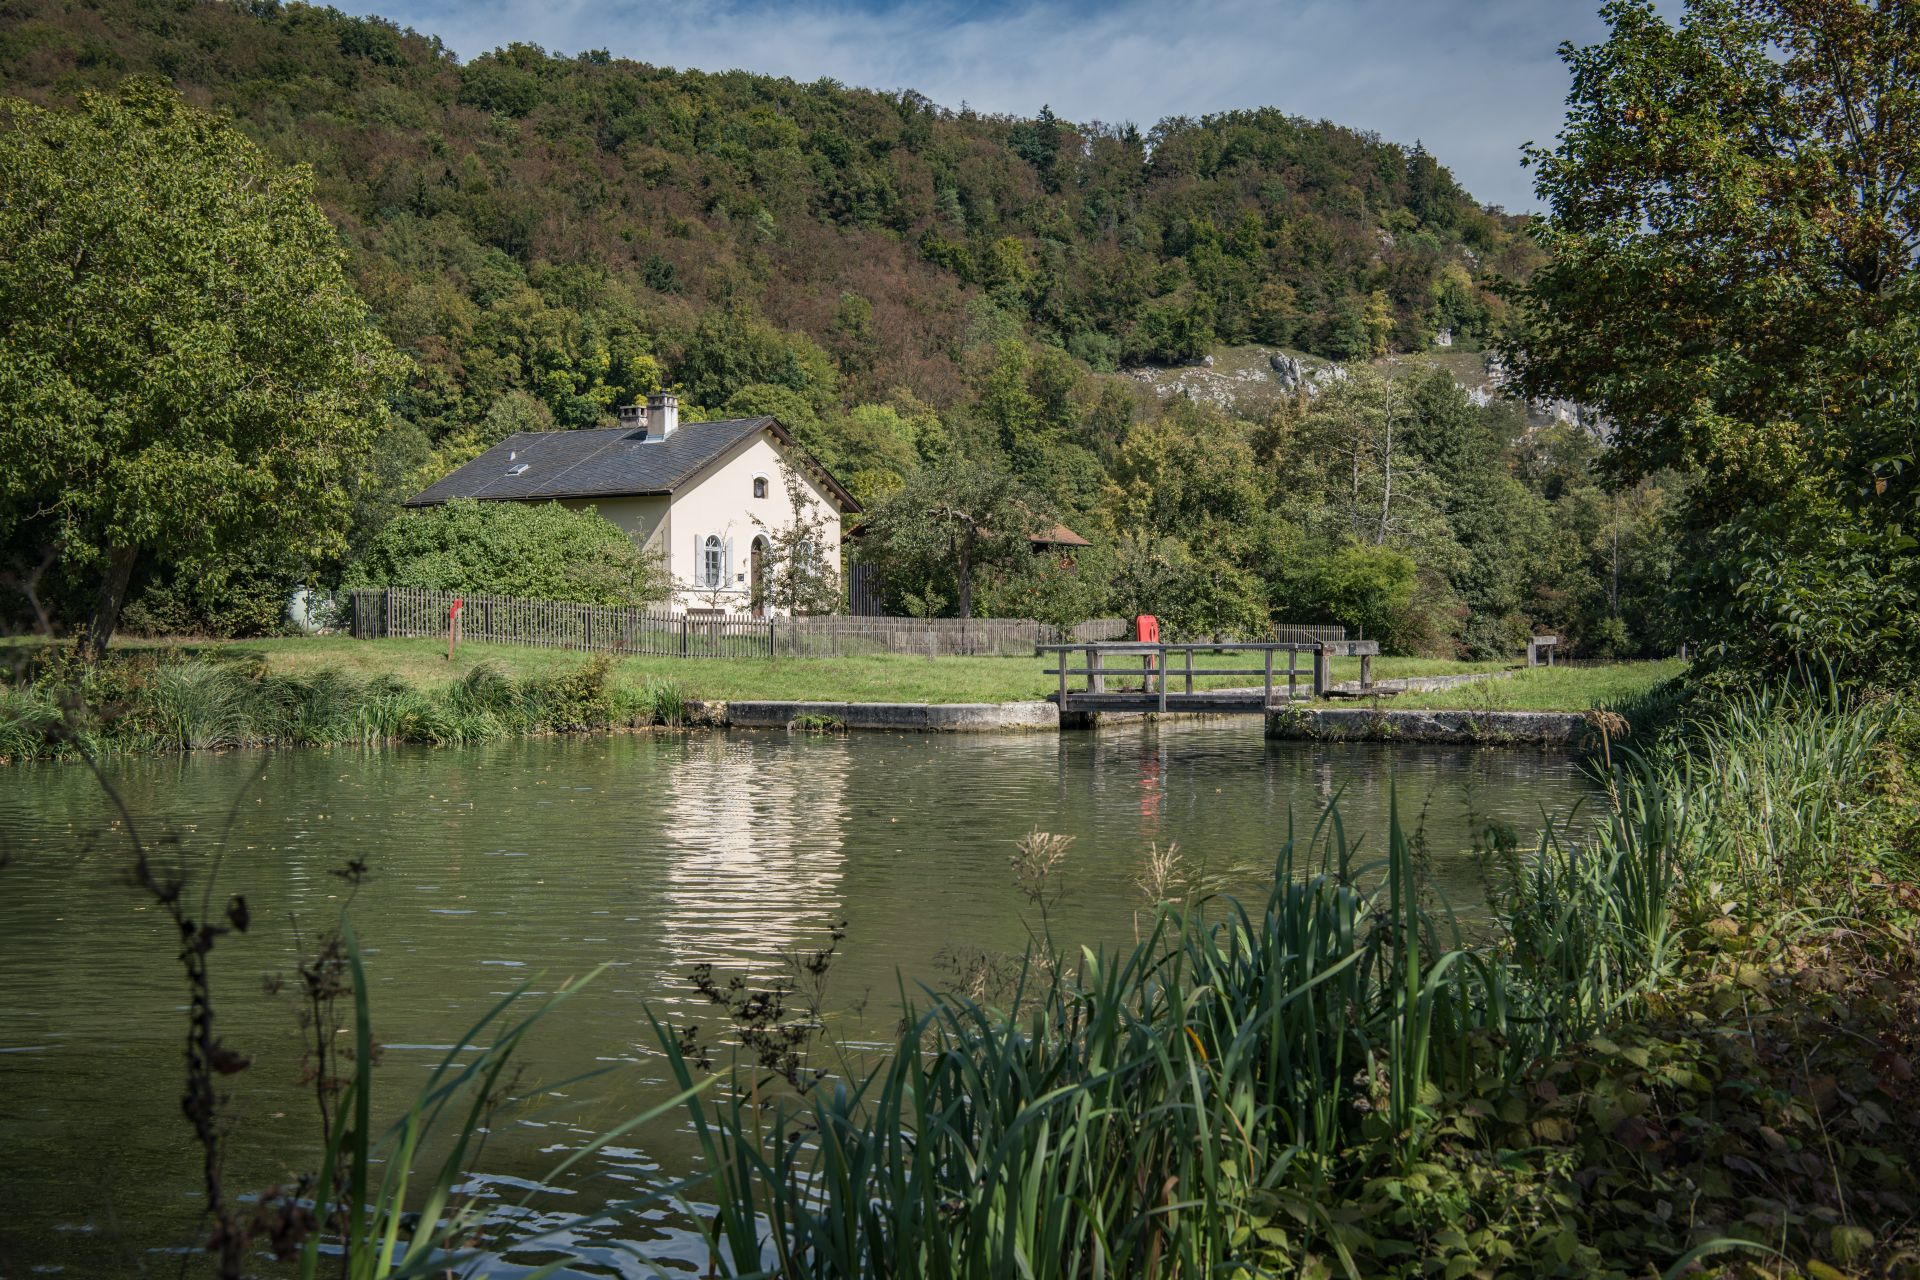 Nostalgie am alten Kanal bei Essing im Altmühltal